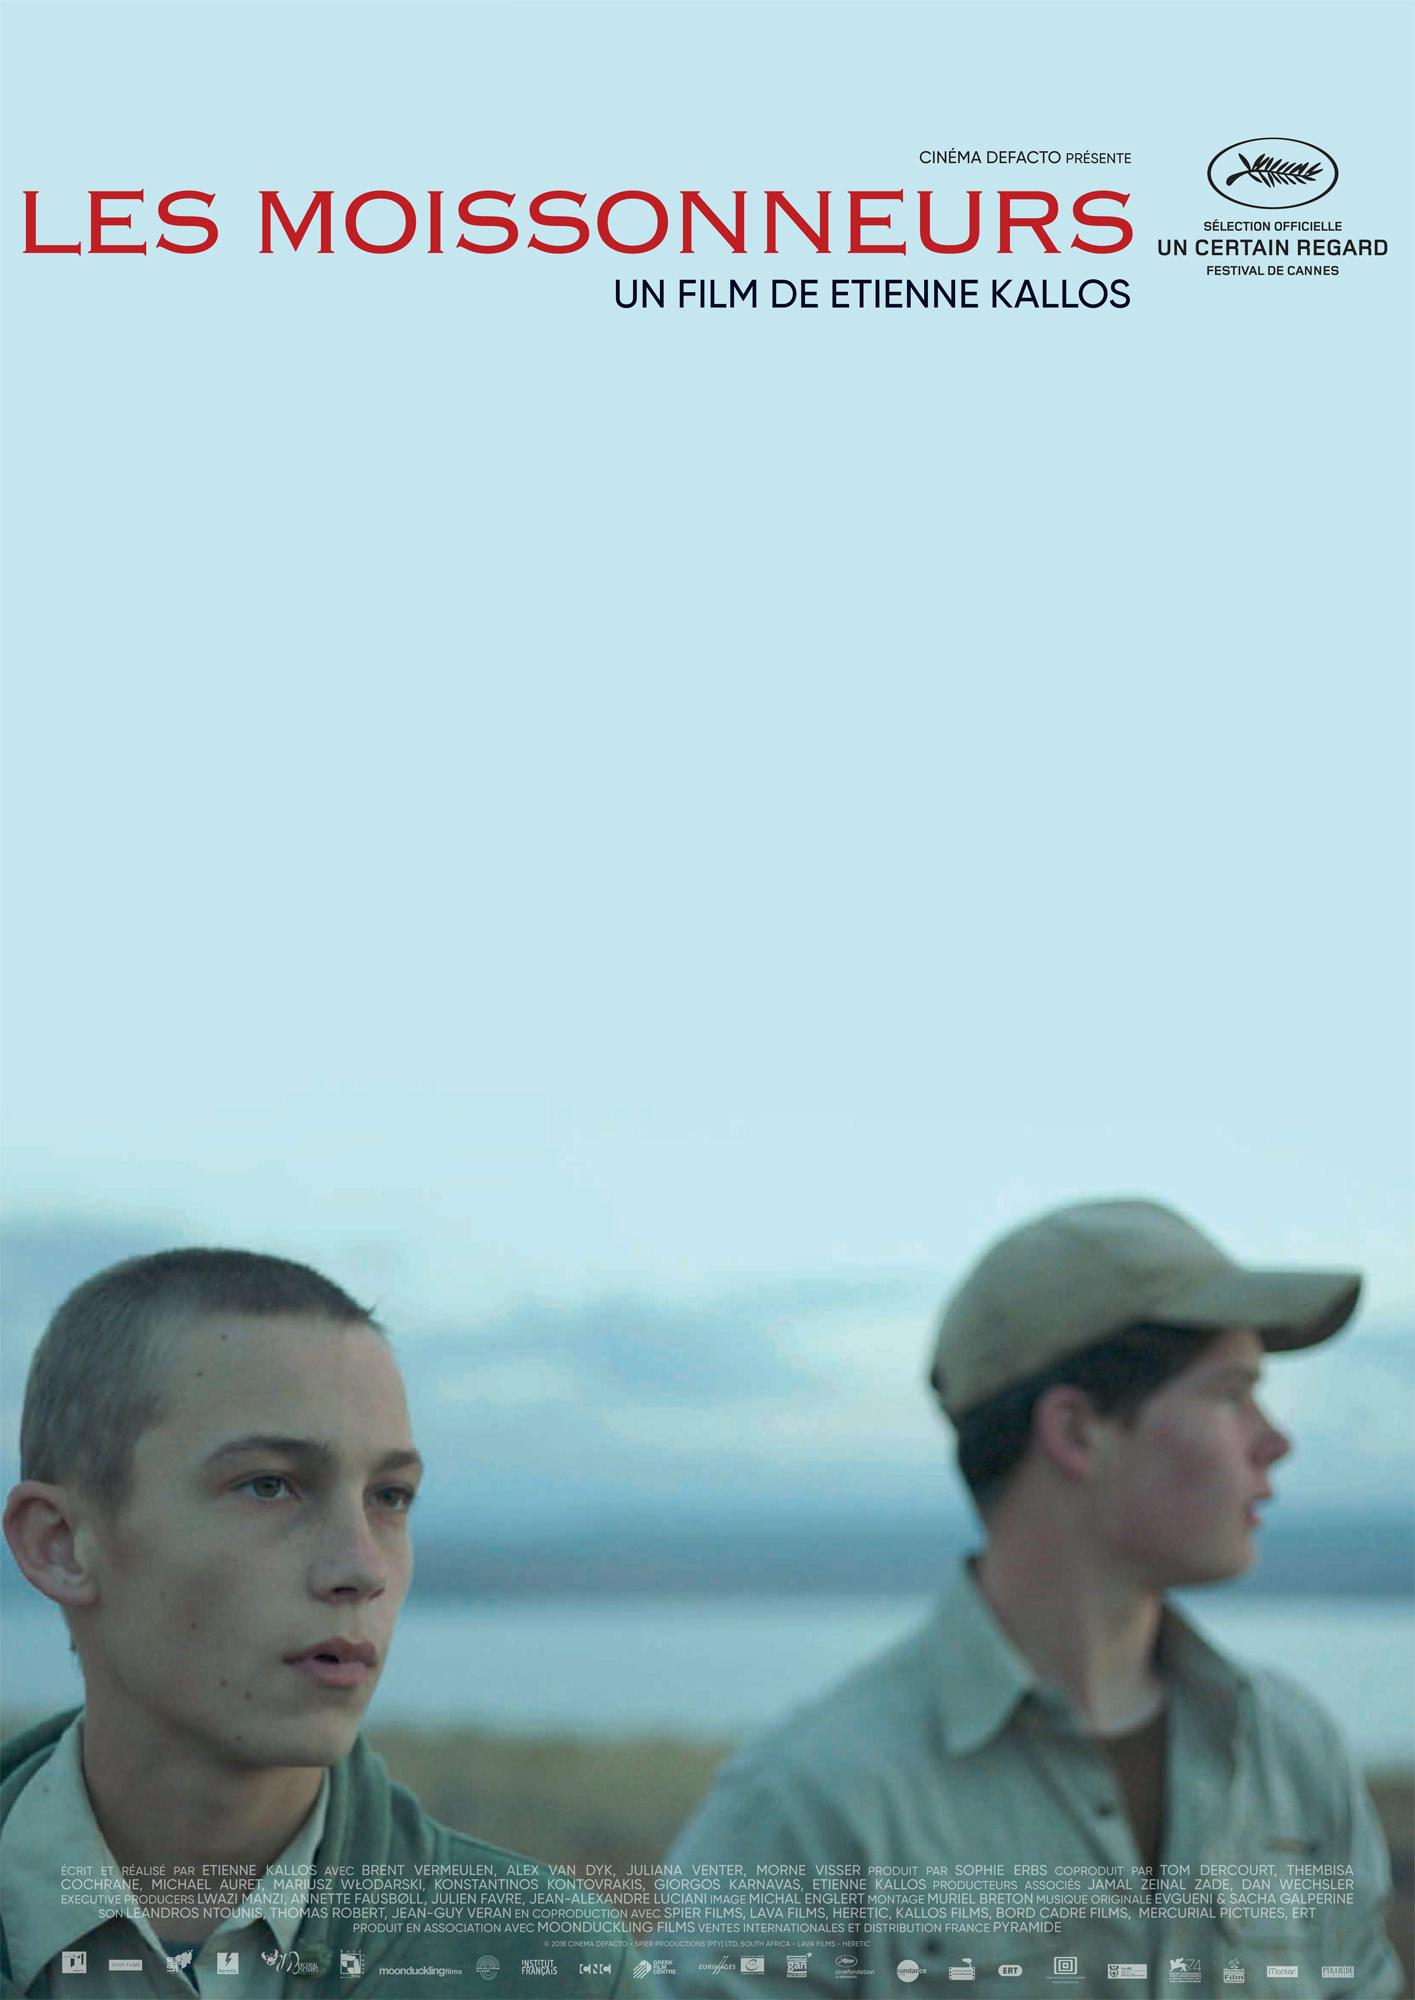 Les Moissonneurs - Affiche Cannes 2018